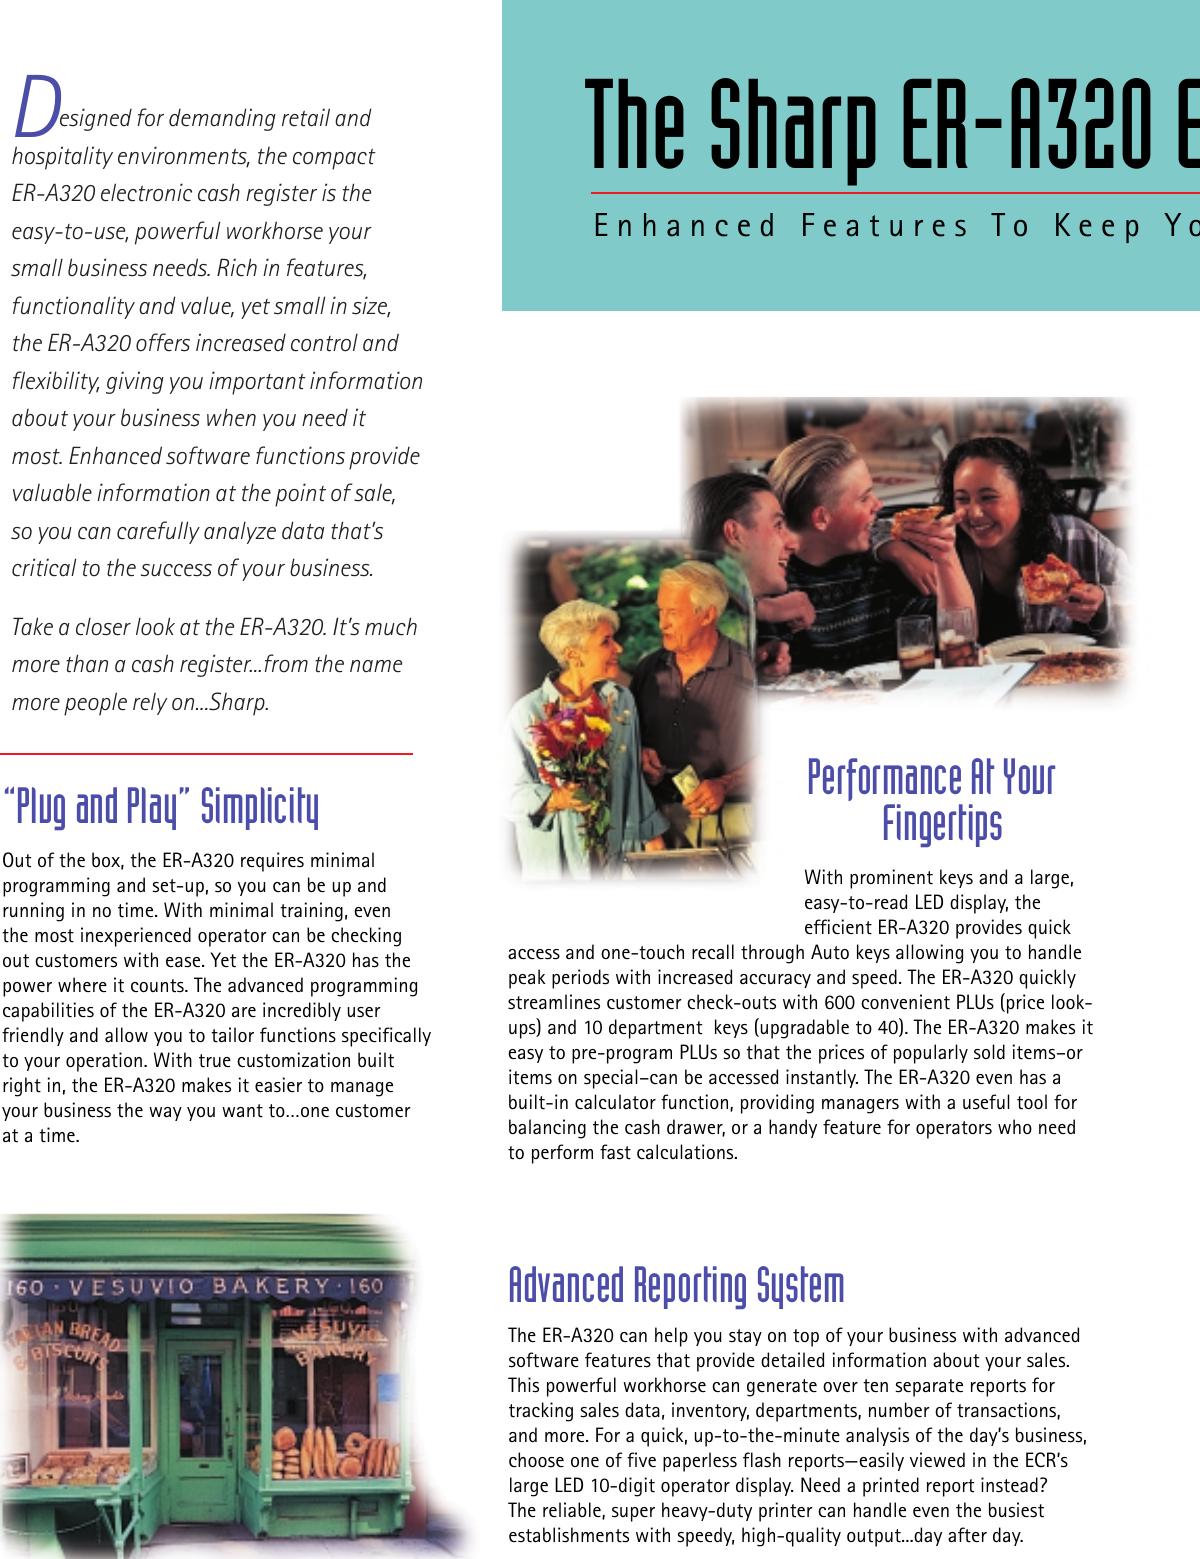 Sharp Er A320 Brochure